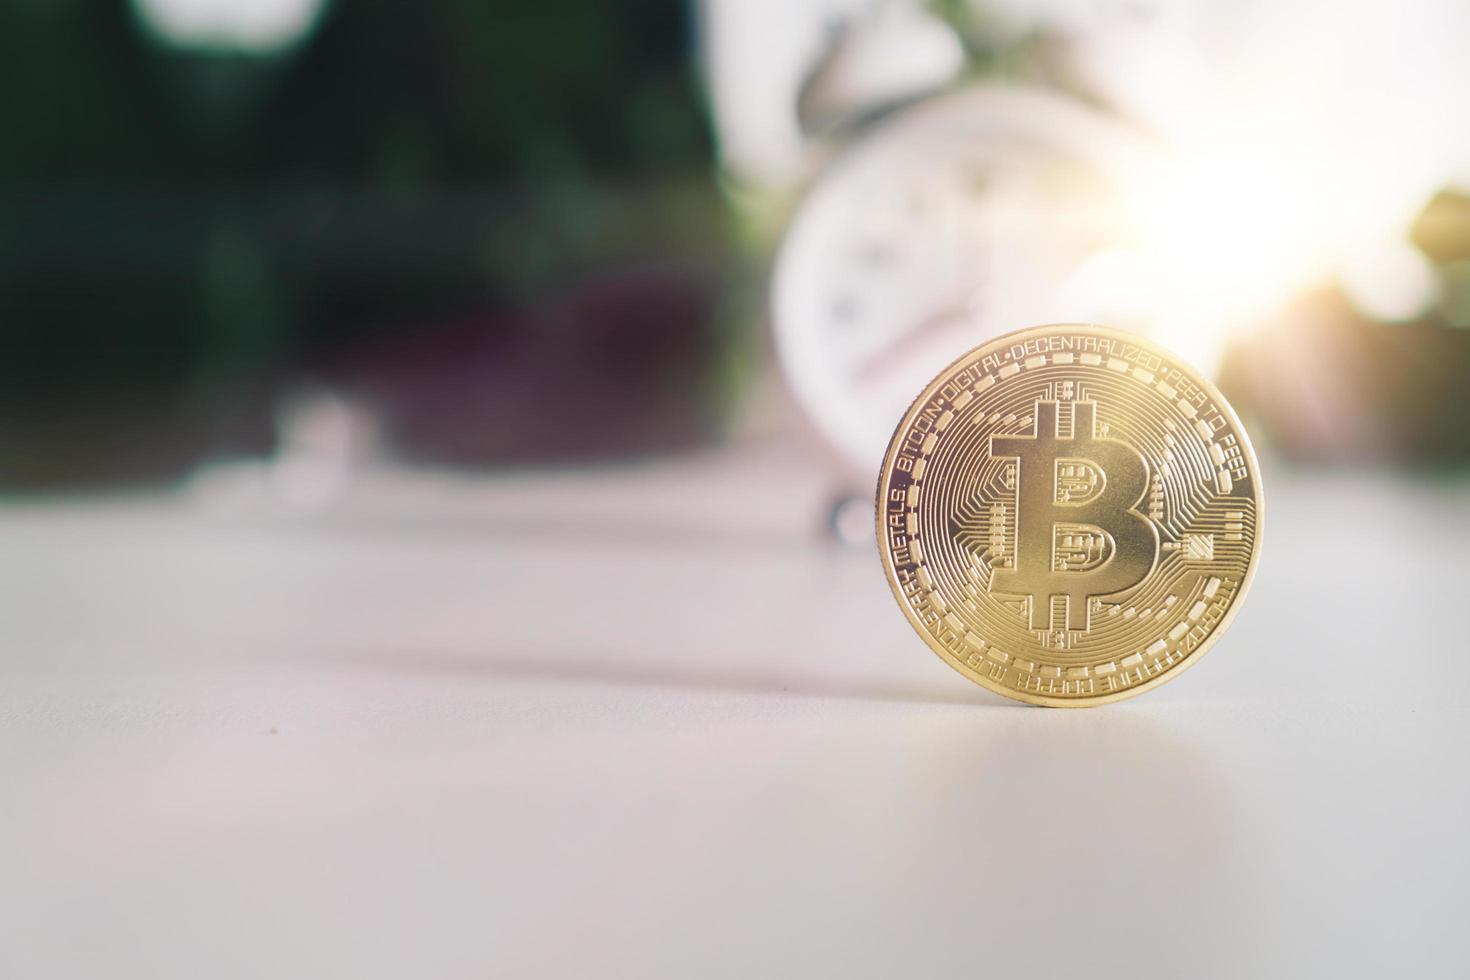 symbole de bitcoins comme crypto-monnaie d'argent numérique avec fond de nature photo